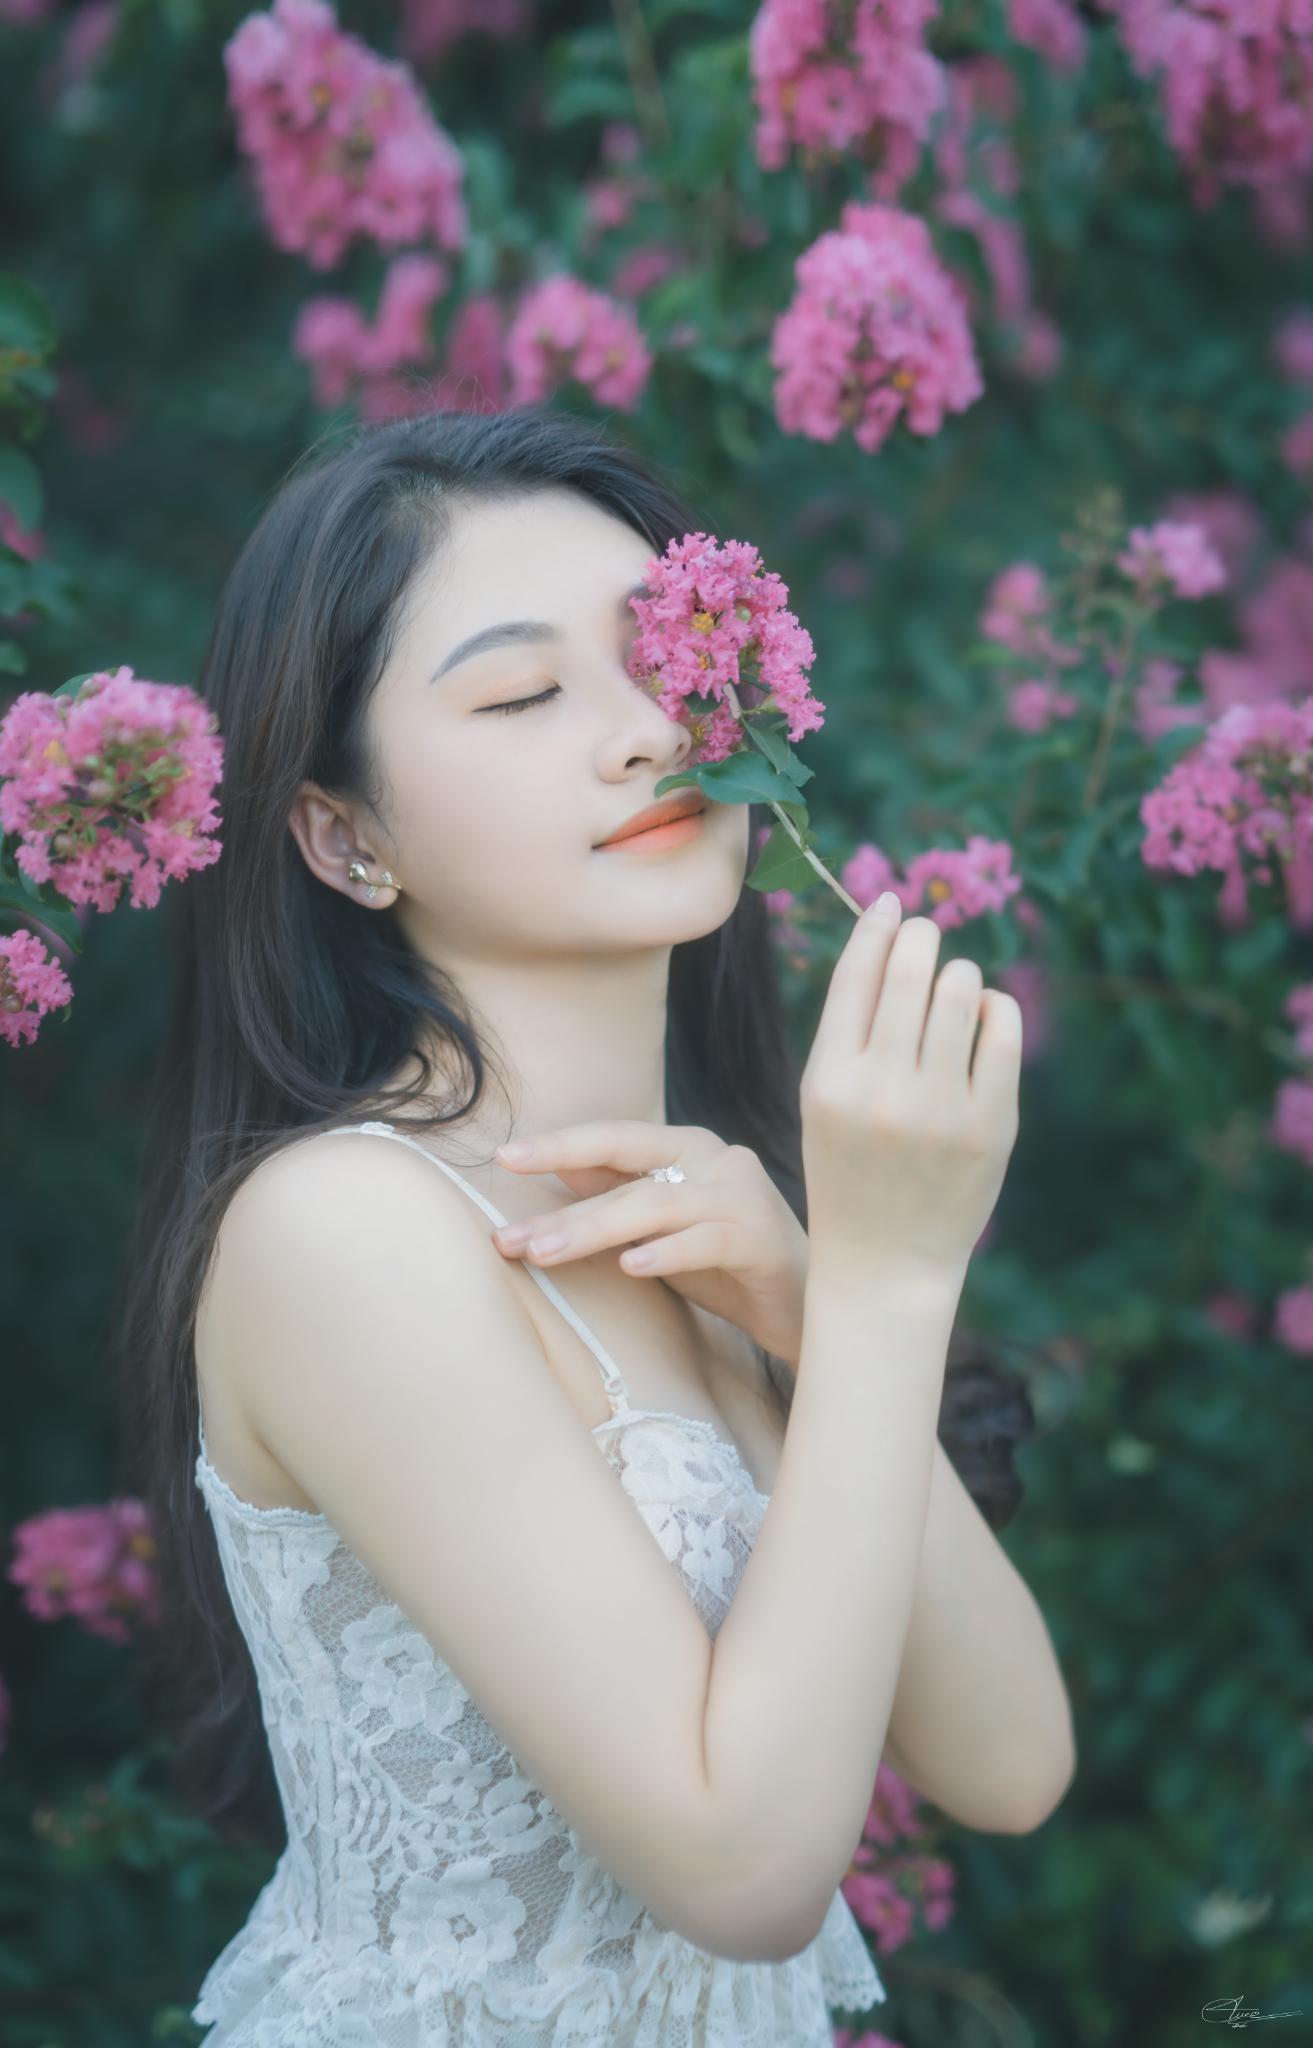 Thiếu nữ tuổi xuân thì đọ dáng bên sắc hoa tường vi - 2